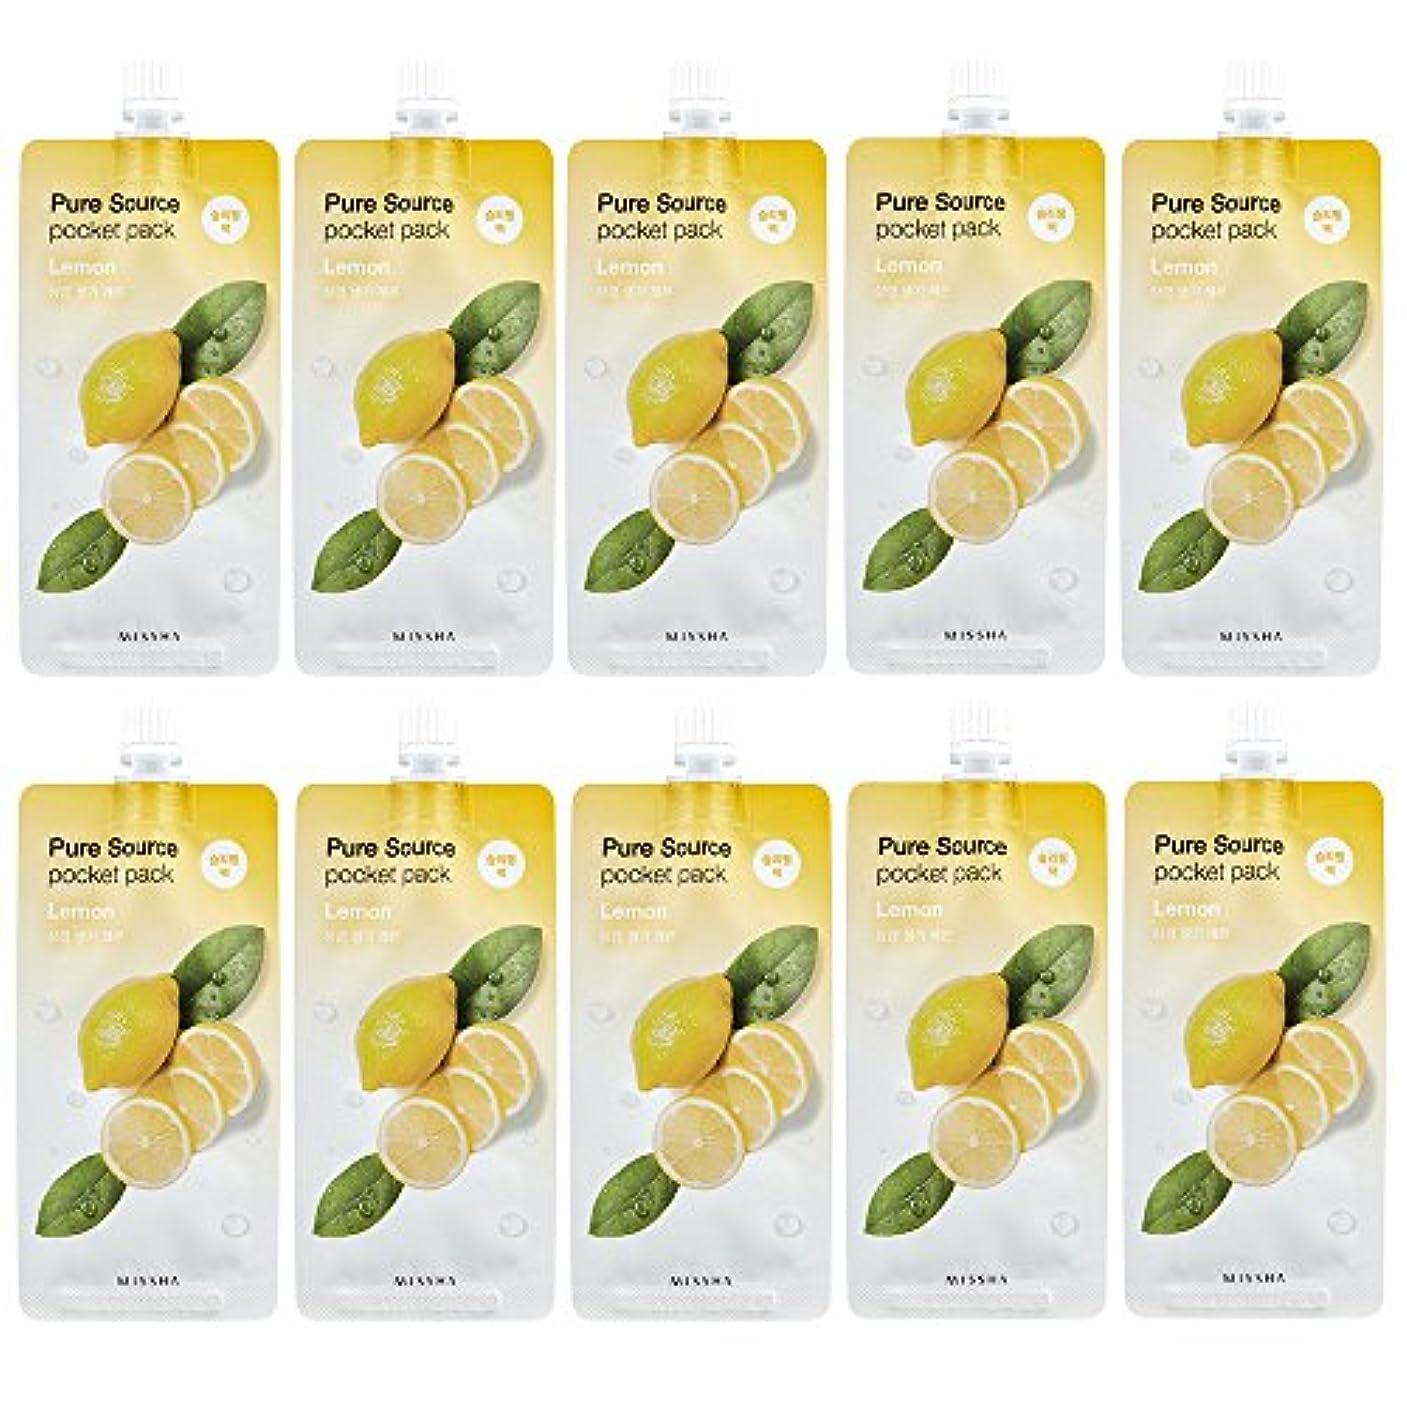 戸棚換気する軽量ミシャ ピュア ソース ポケット パック 1個 レモン(スリーピングパック)